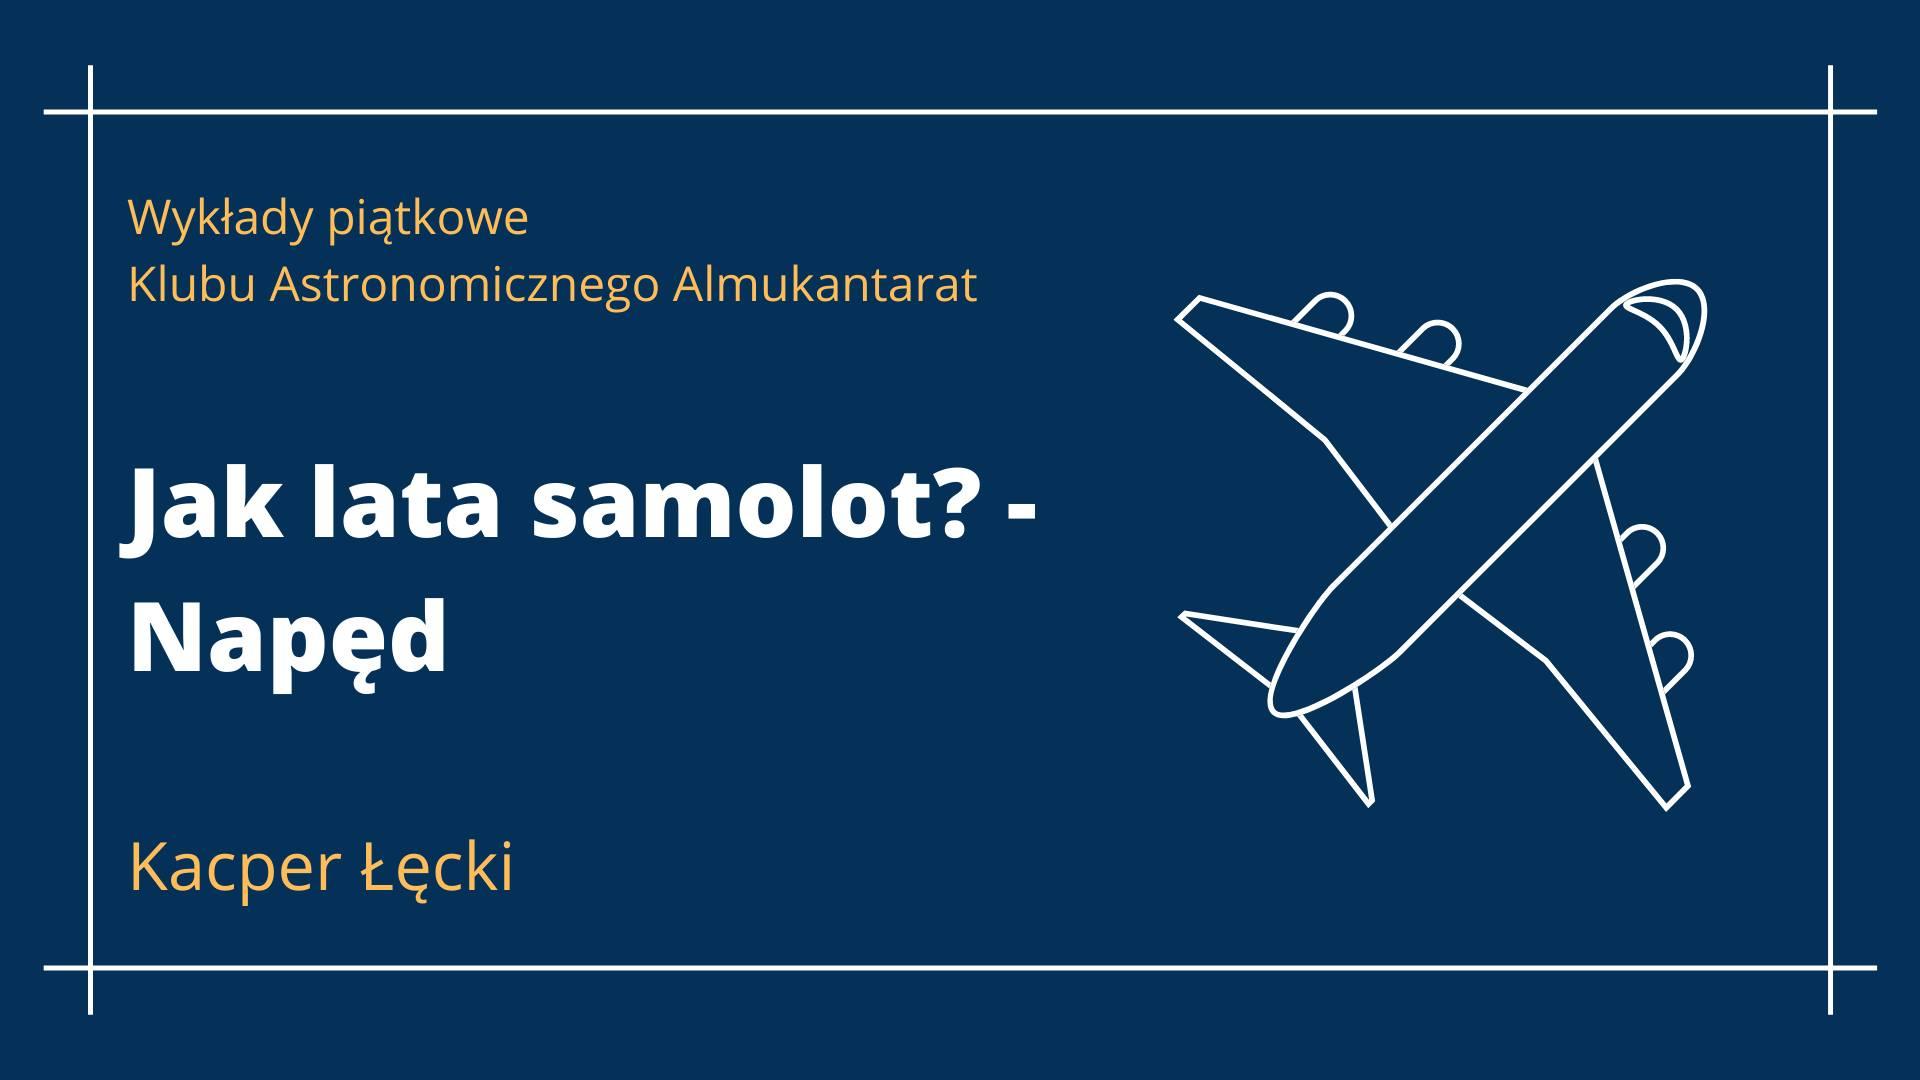 Wykłady piątkowe: Jak lata samolot? - Napęd